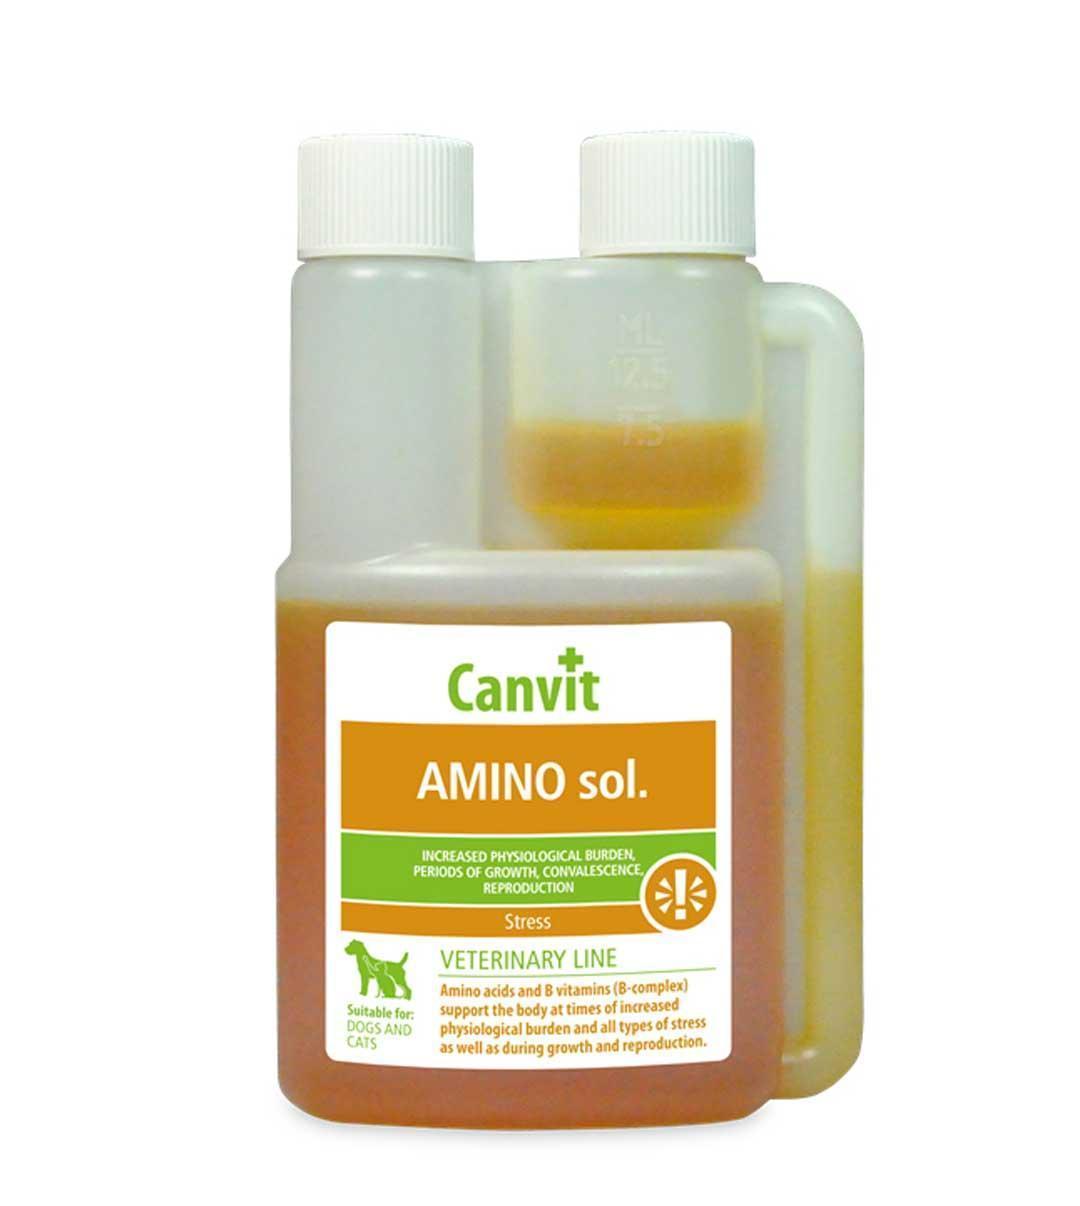 Аминосол иммуномодулятор для всех видов животных Aminosol Canvit 1 л